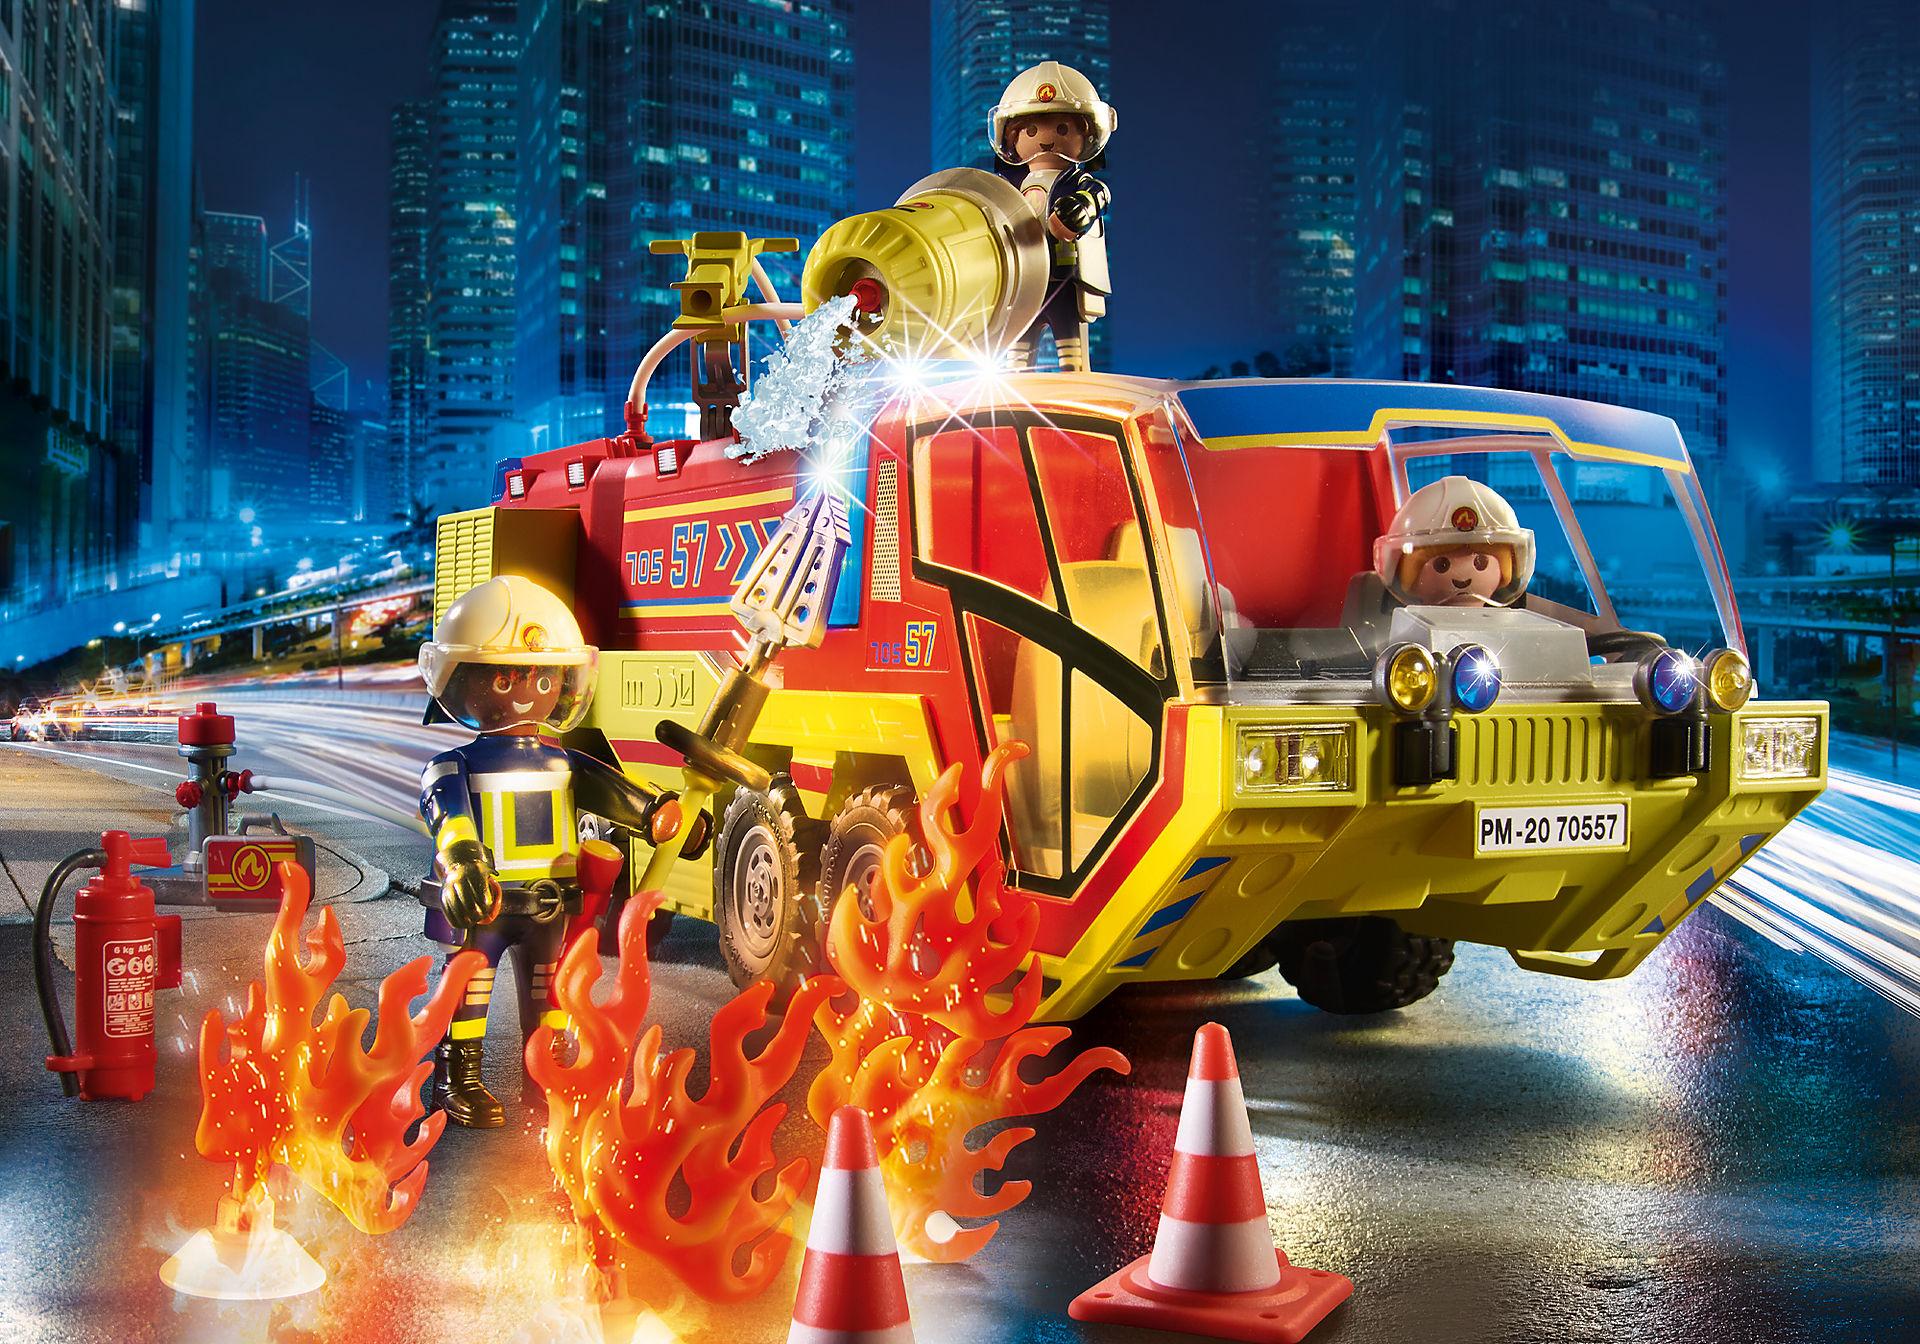 70557 Camion de pompiers et véhicule enflammé zoom image5